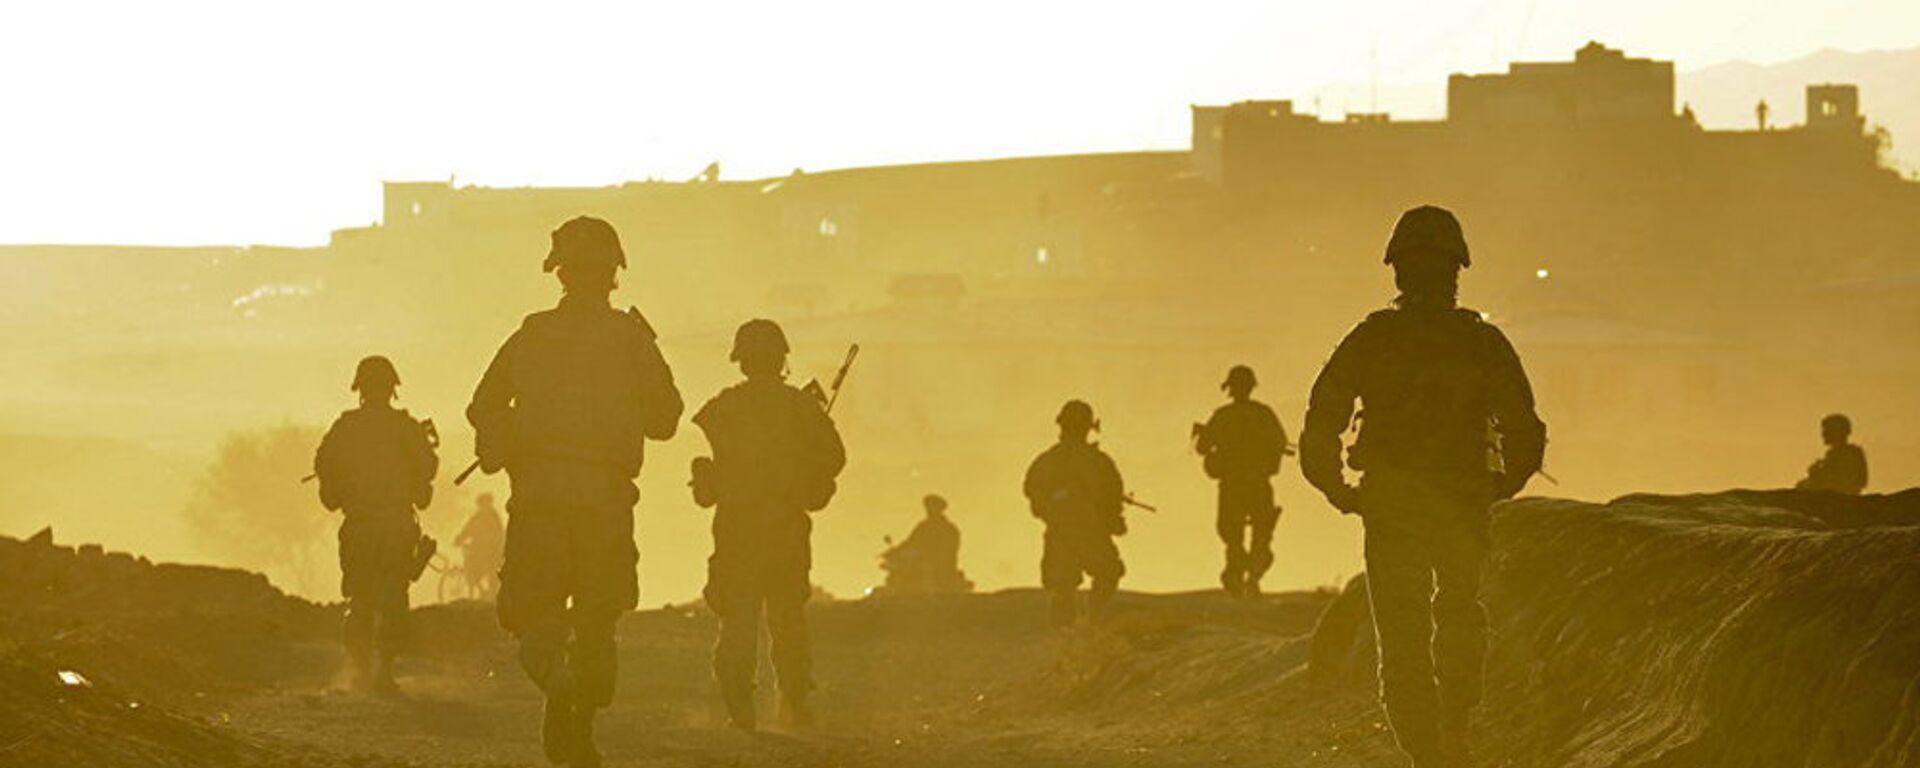 Американские военнослужащие в Афганистане - Sputnik Latvija, 1920, 23.01.2021